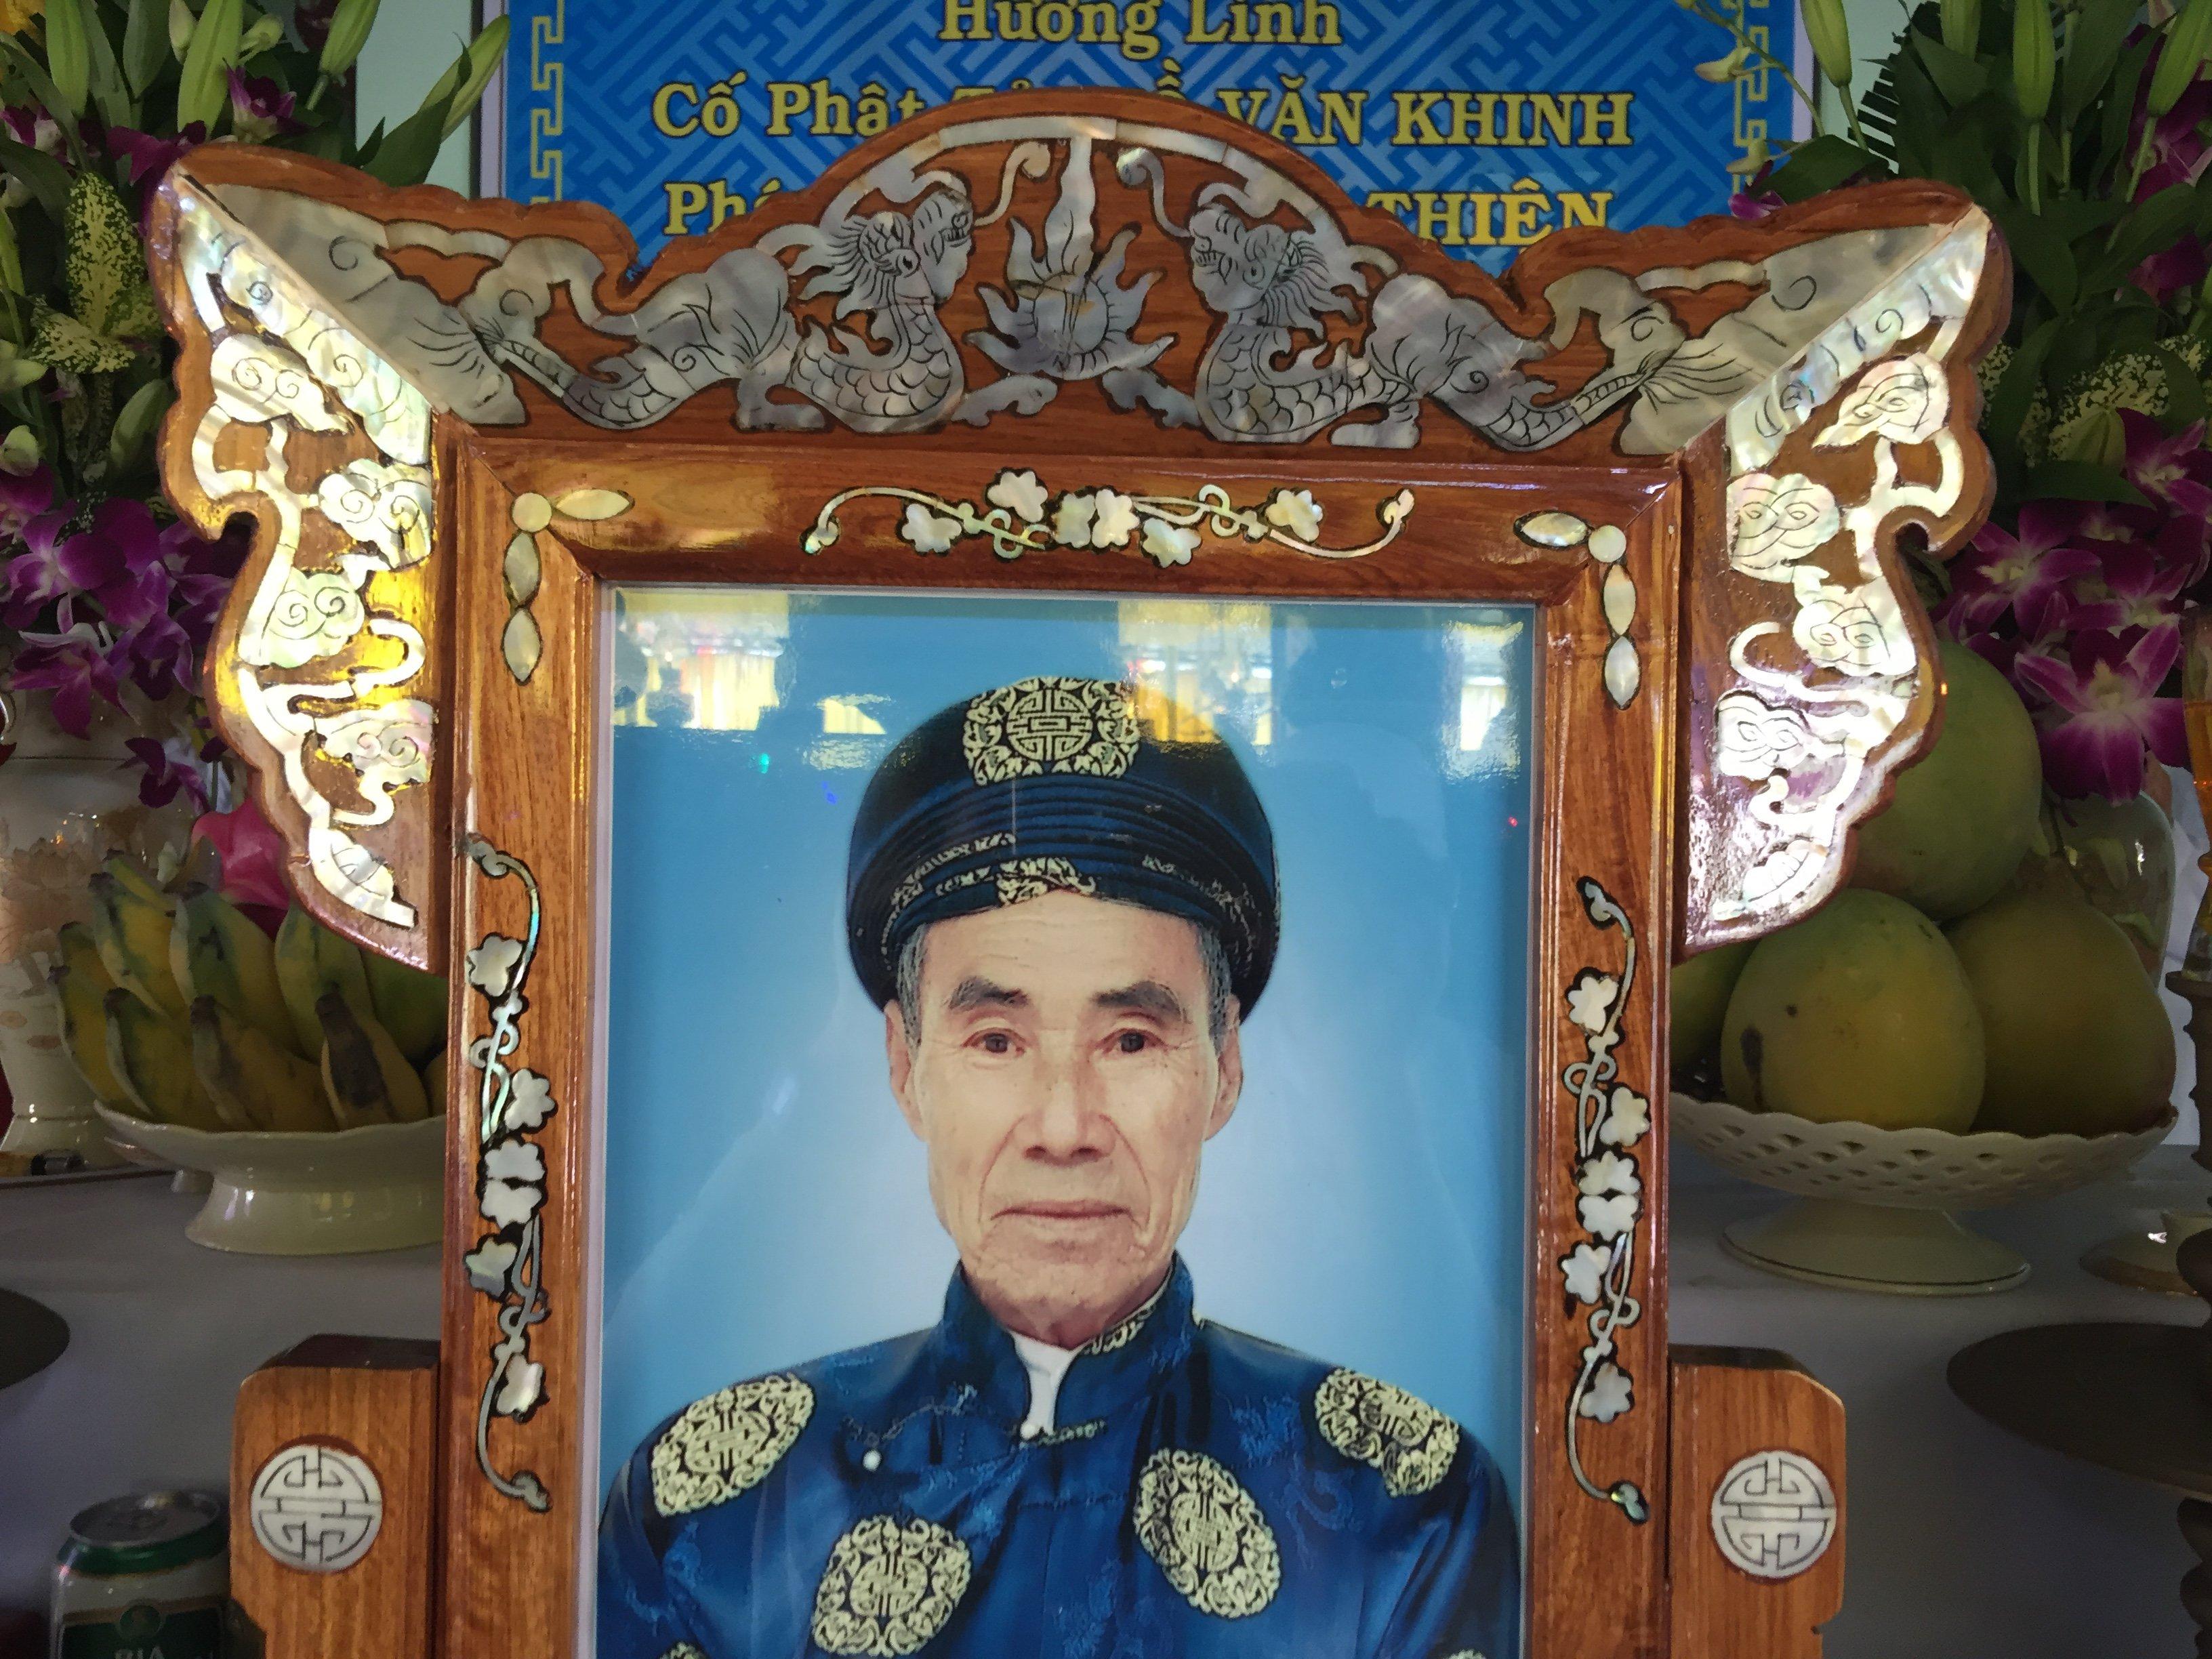 ông Hồ Văn Khinh qua đời